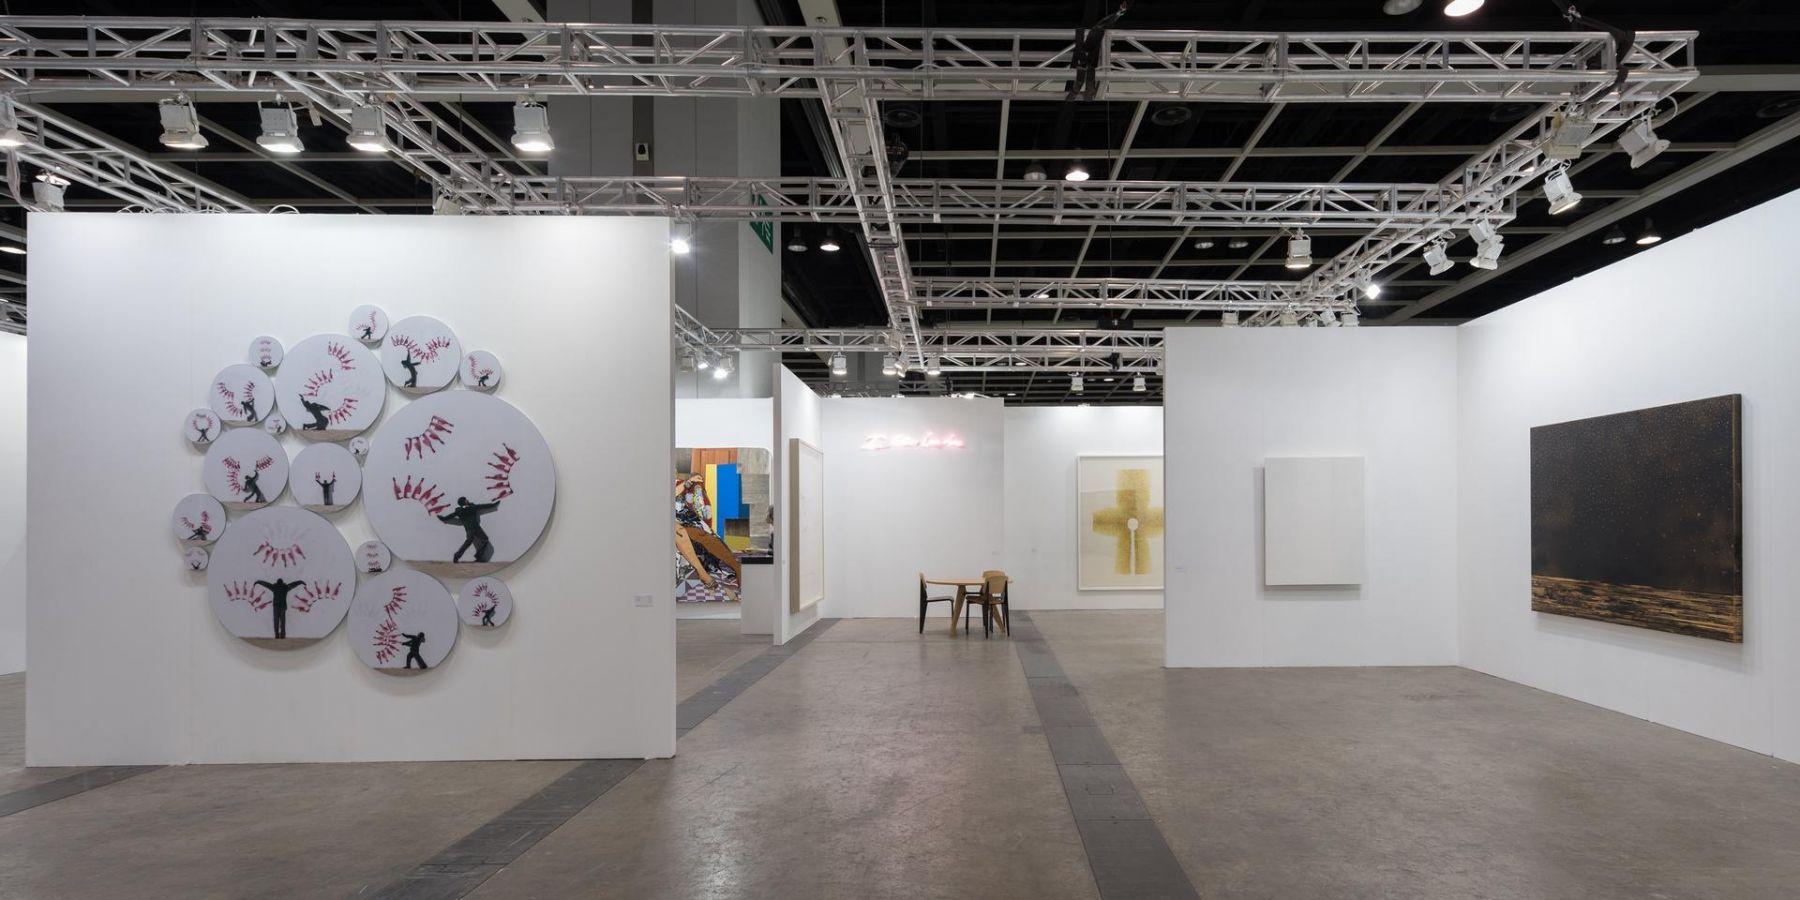 Installation view, Booth 1C08, Art Basel Hong Kong 2015